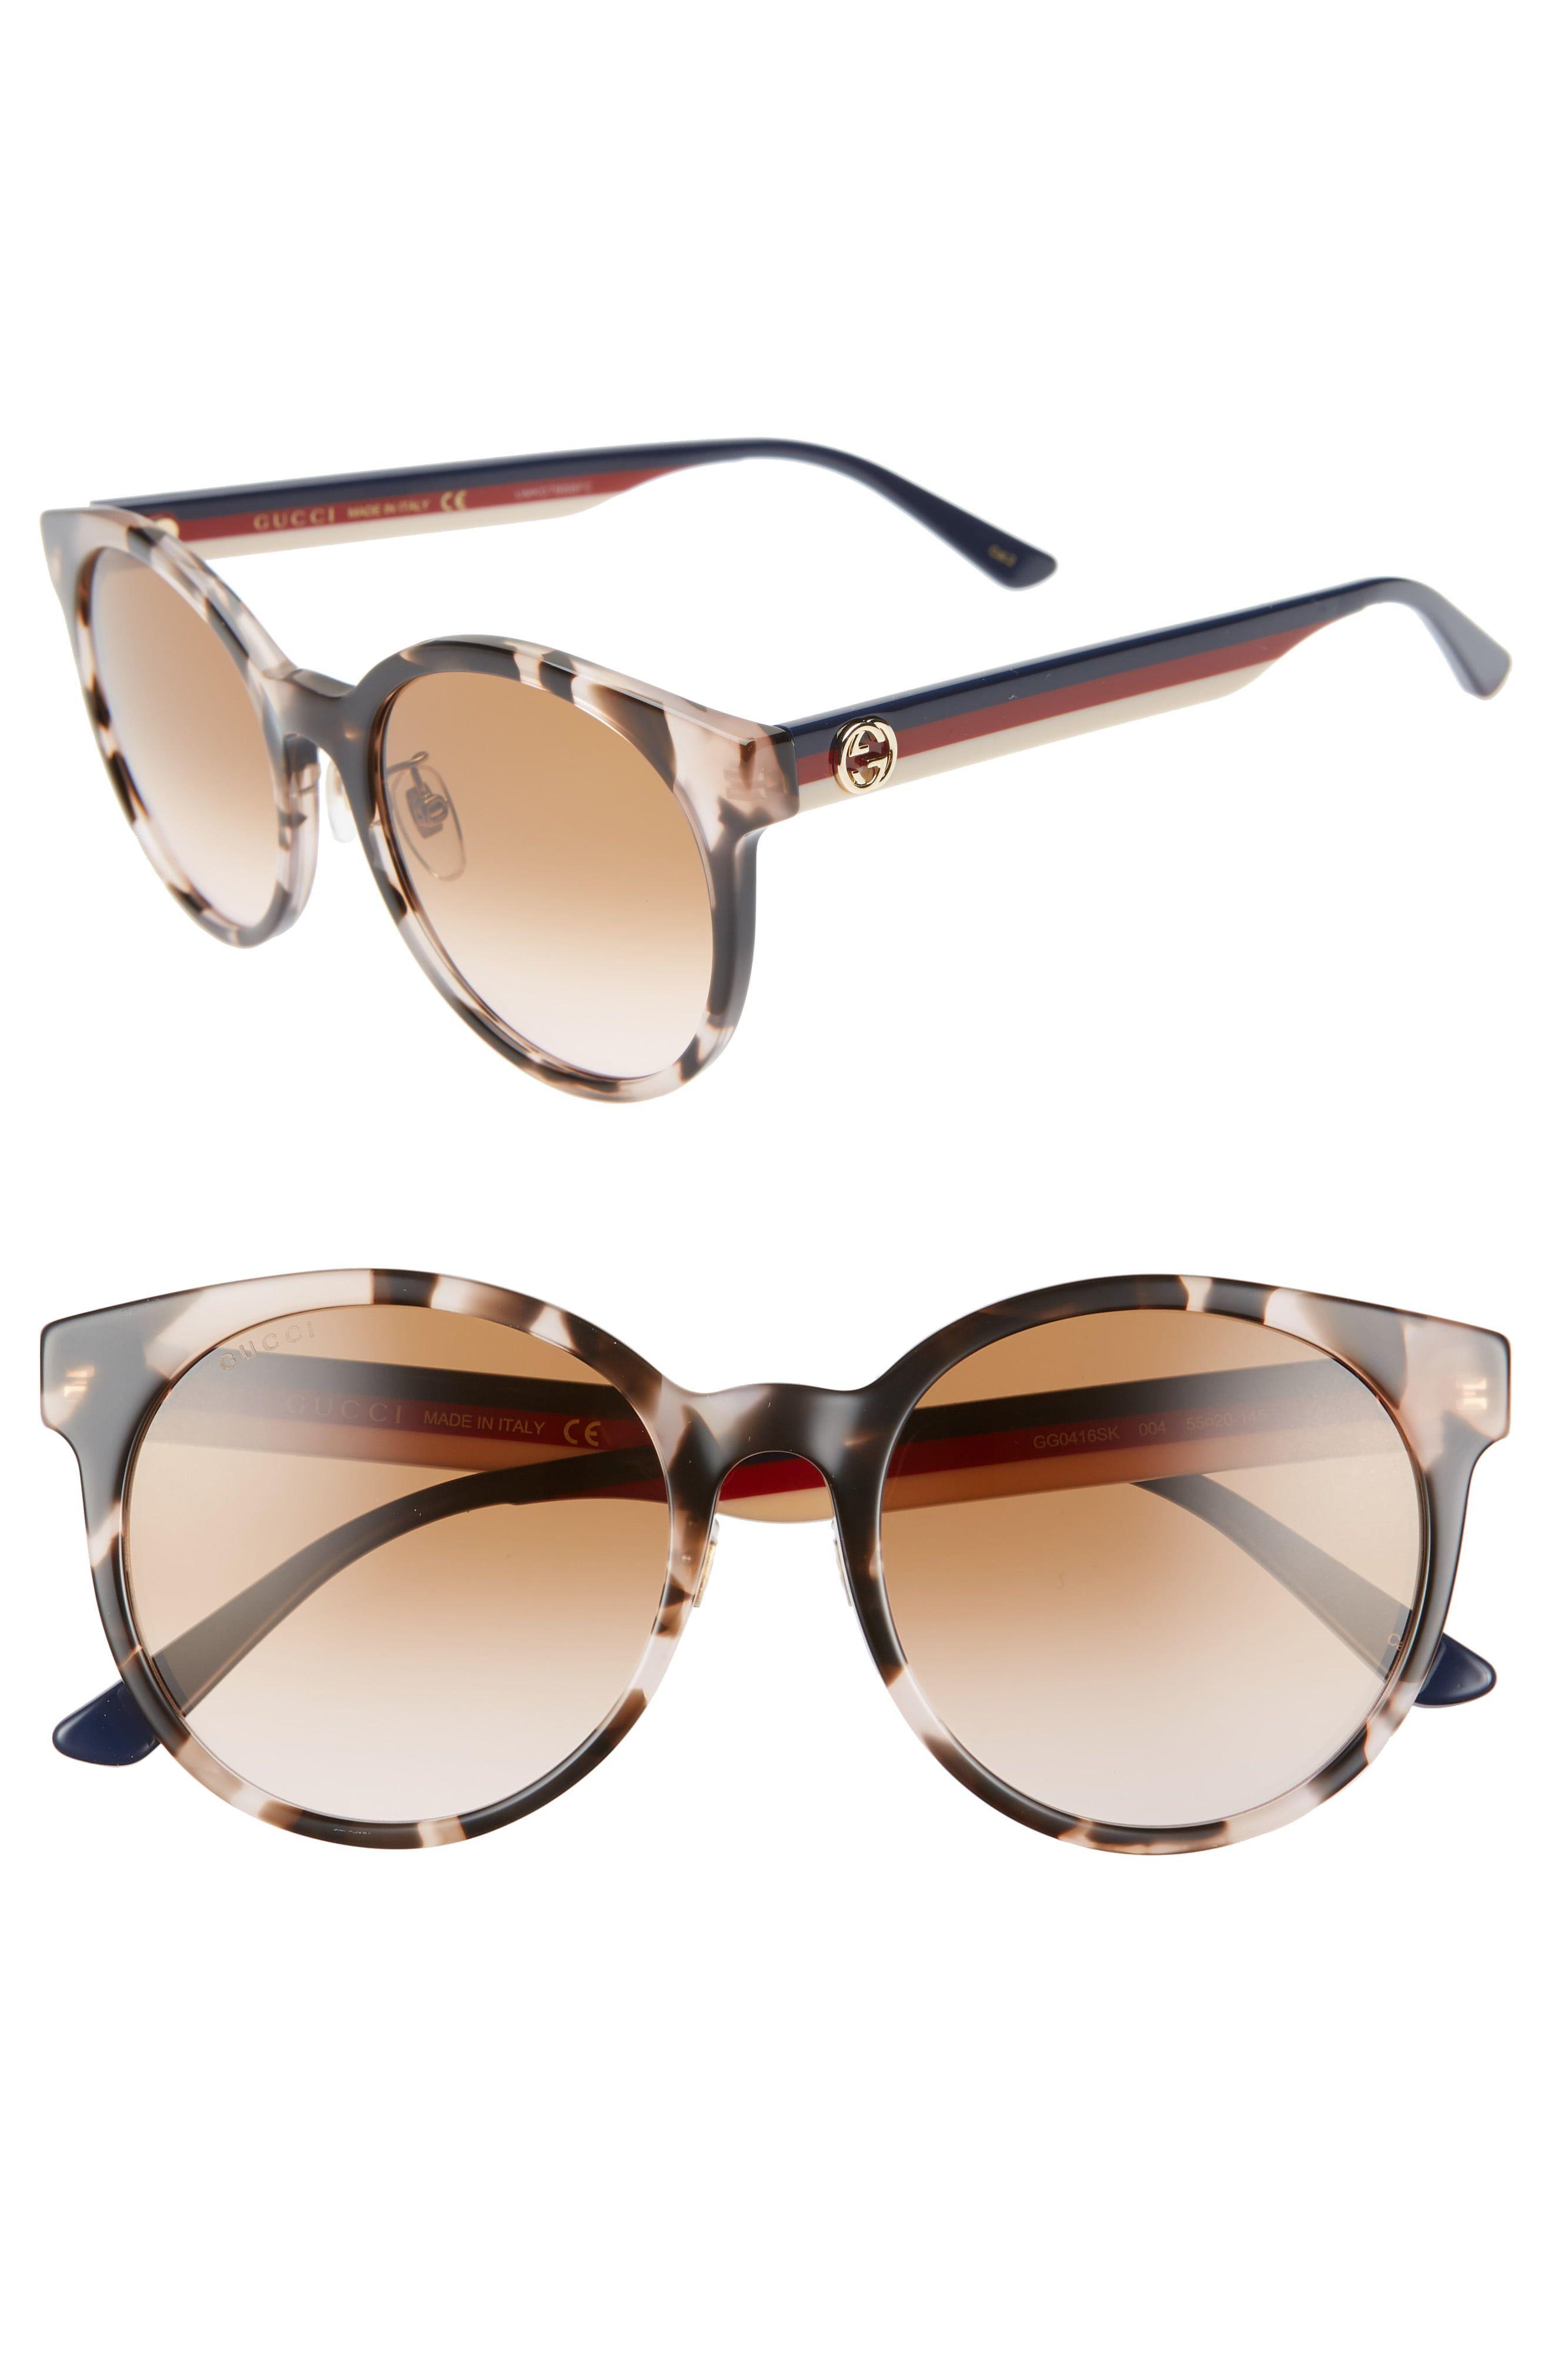 e9f6f62bb Women's Gucci 55Mm Round Sunglasses - Black/ Multi/ Grey Gradient in ...